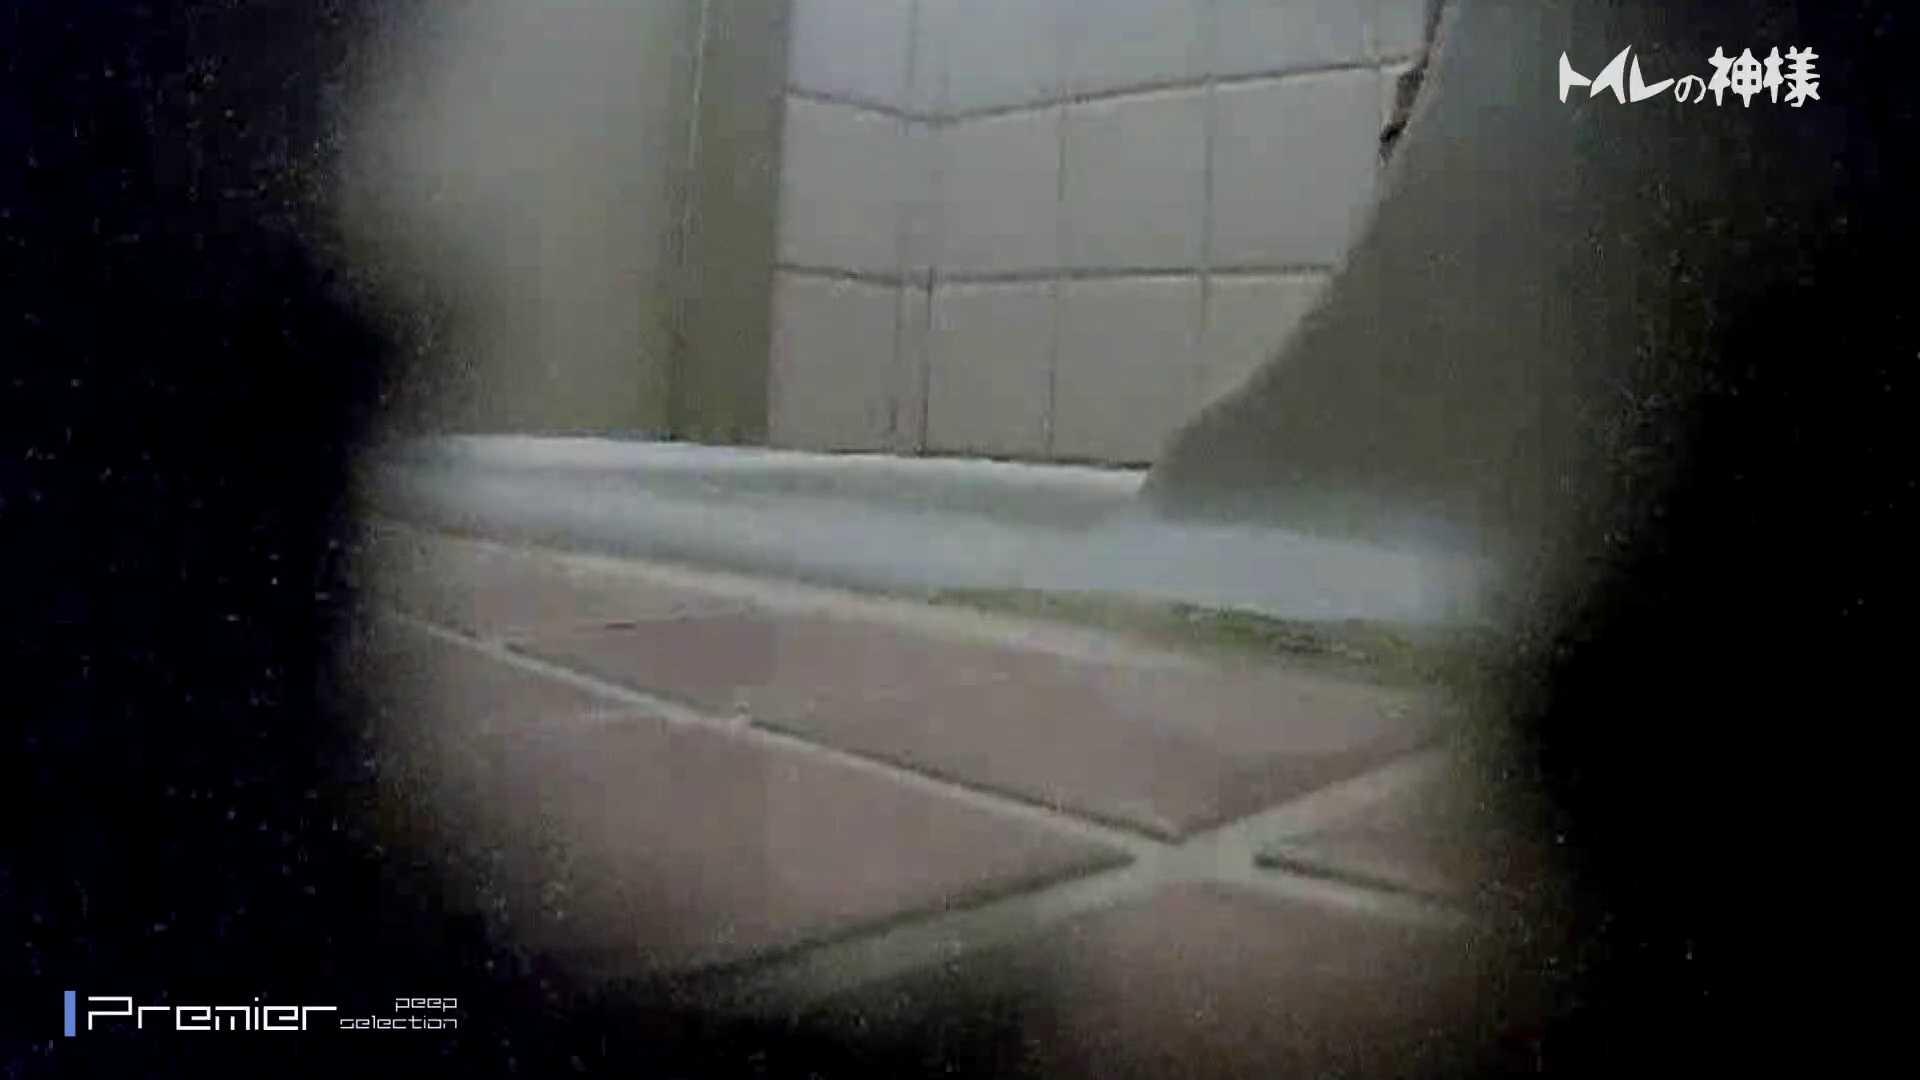 kyouko排泄 うんこをたくさん集めました。トイレの神様 Vol.14 排泄 エロ無料画像 92枚 39